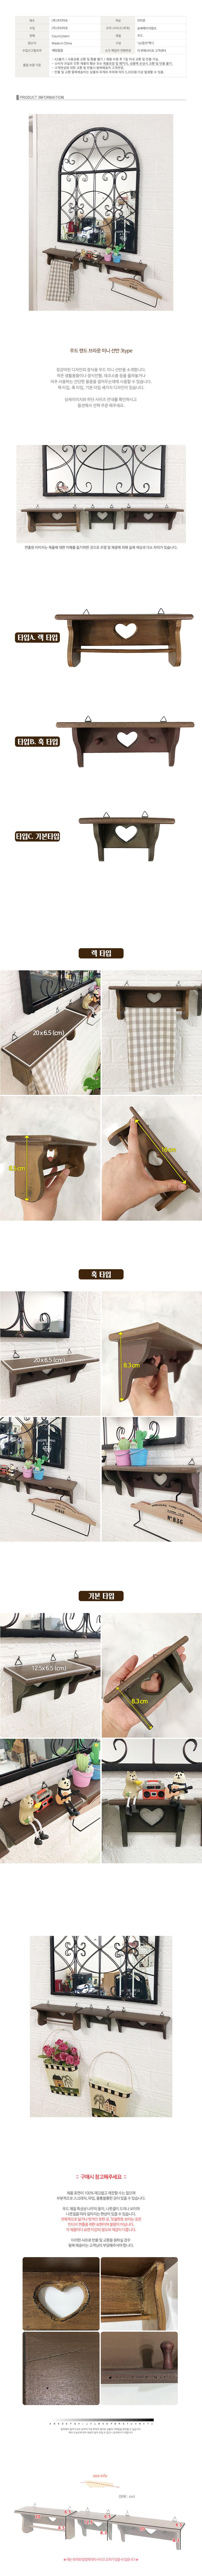 우드 랜드 브라운 미니 선반 3type - 컨츄리아이템, 4,600원, 장식소품, 기타 소품